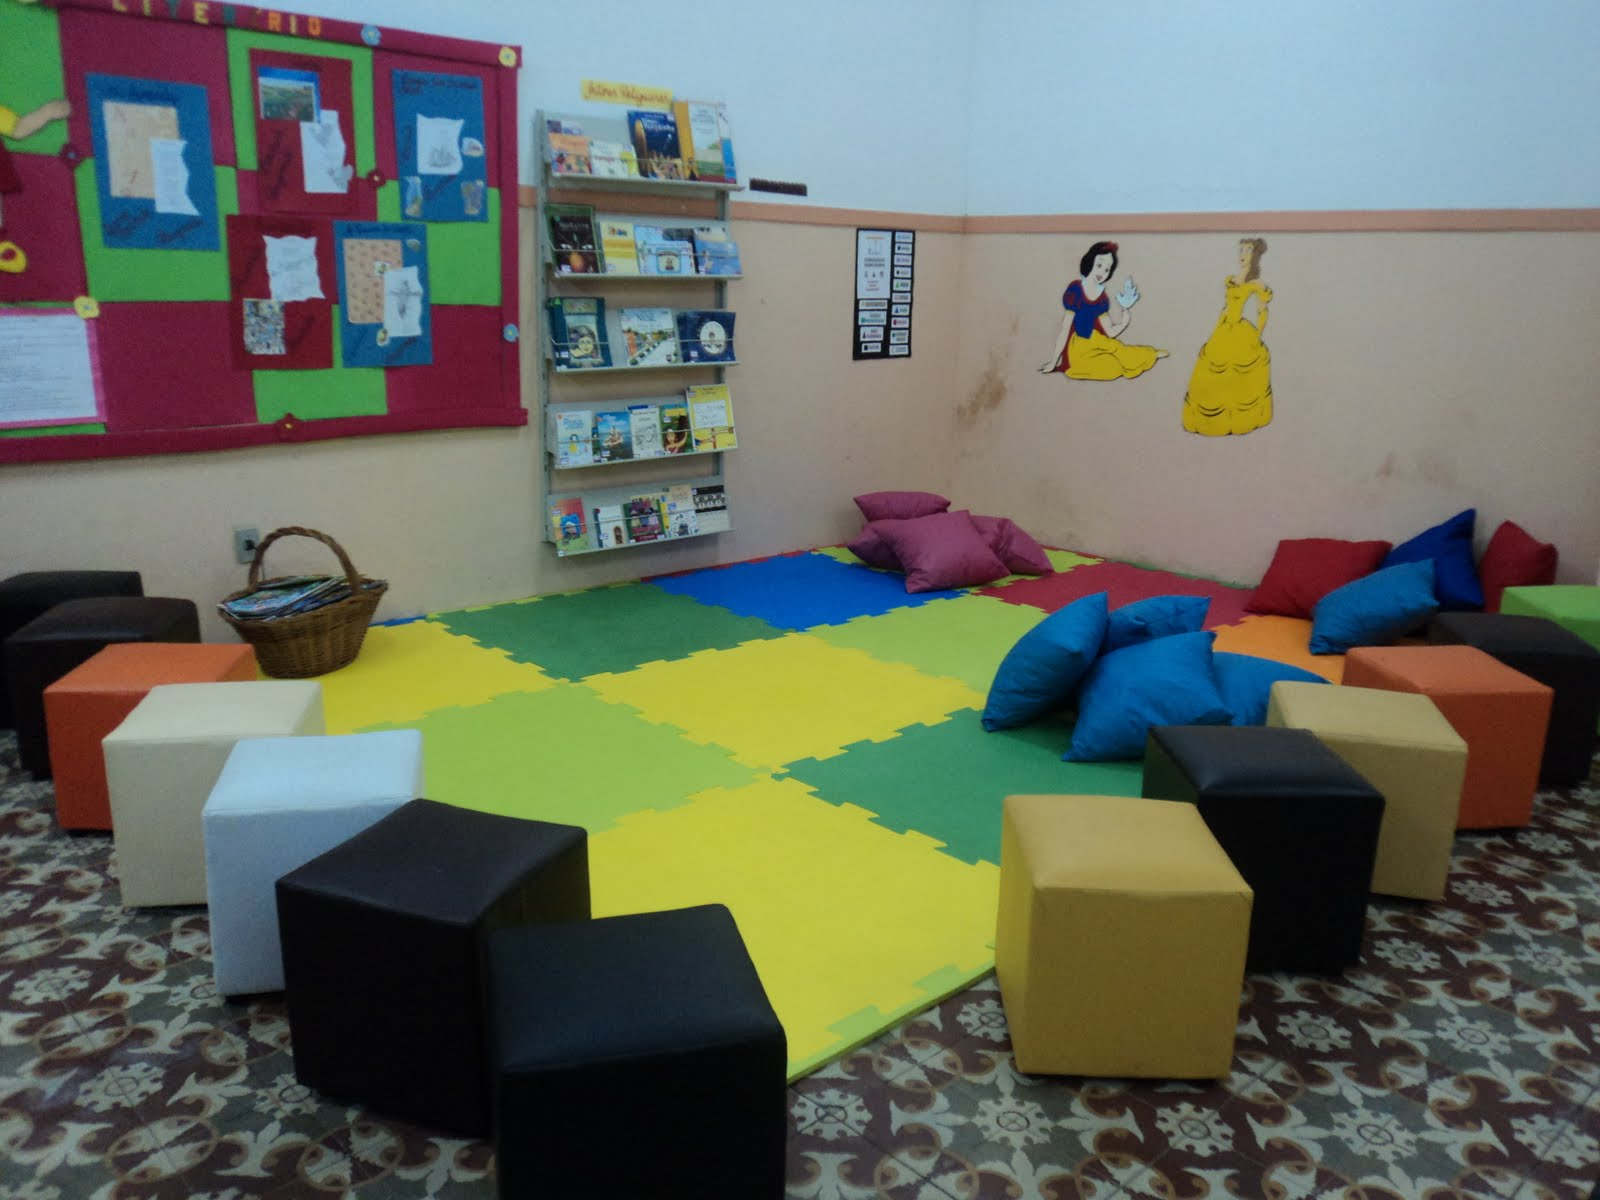 decoracao sala de leitura na escola:mediadoras de leitura decidiram mudar a decoração da Sala de Leitura